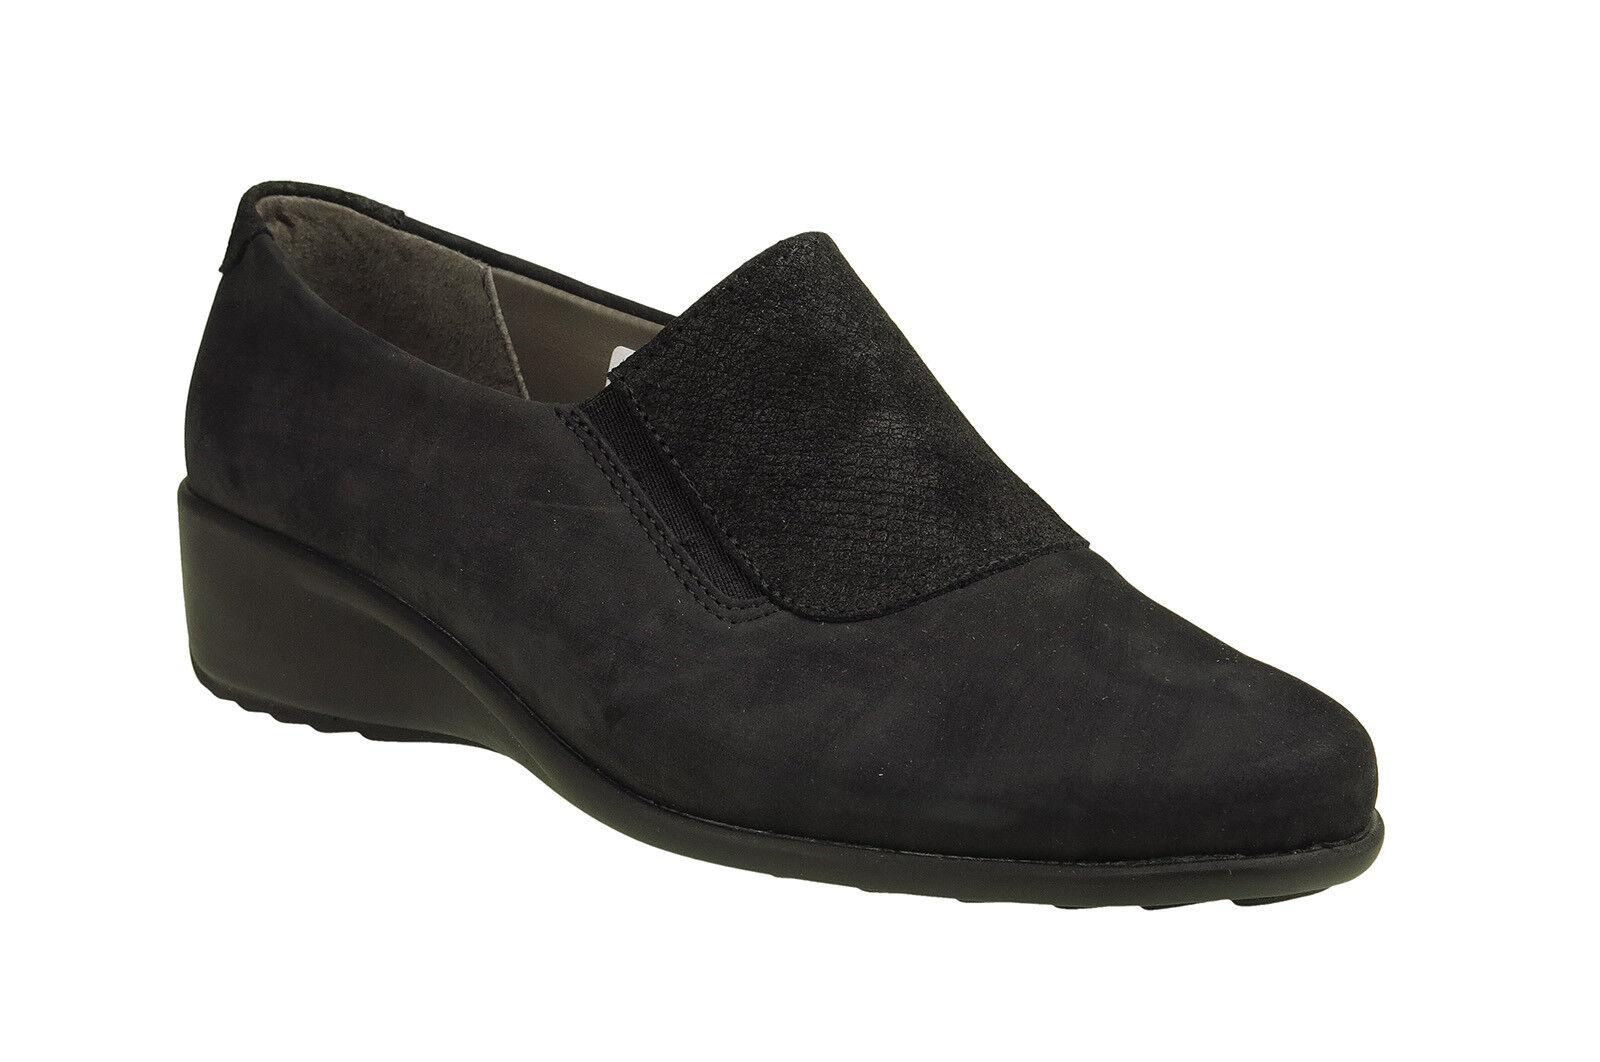 Comfortabel Damen Slipper schwarz (942125 1) H-Weite